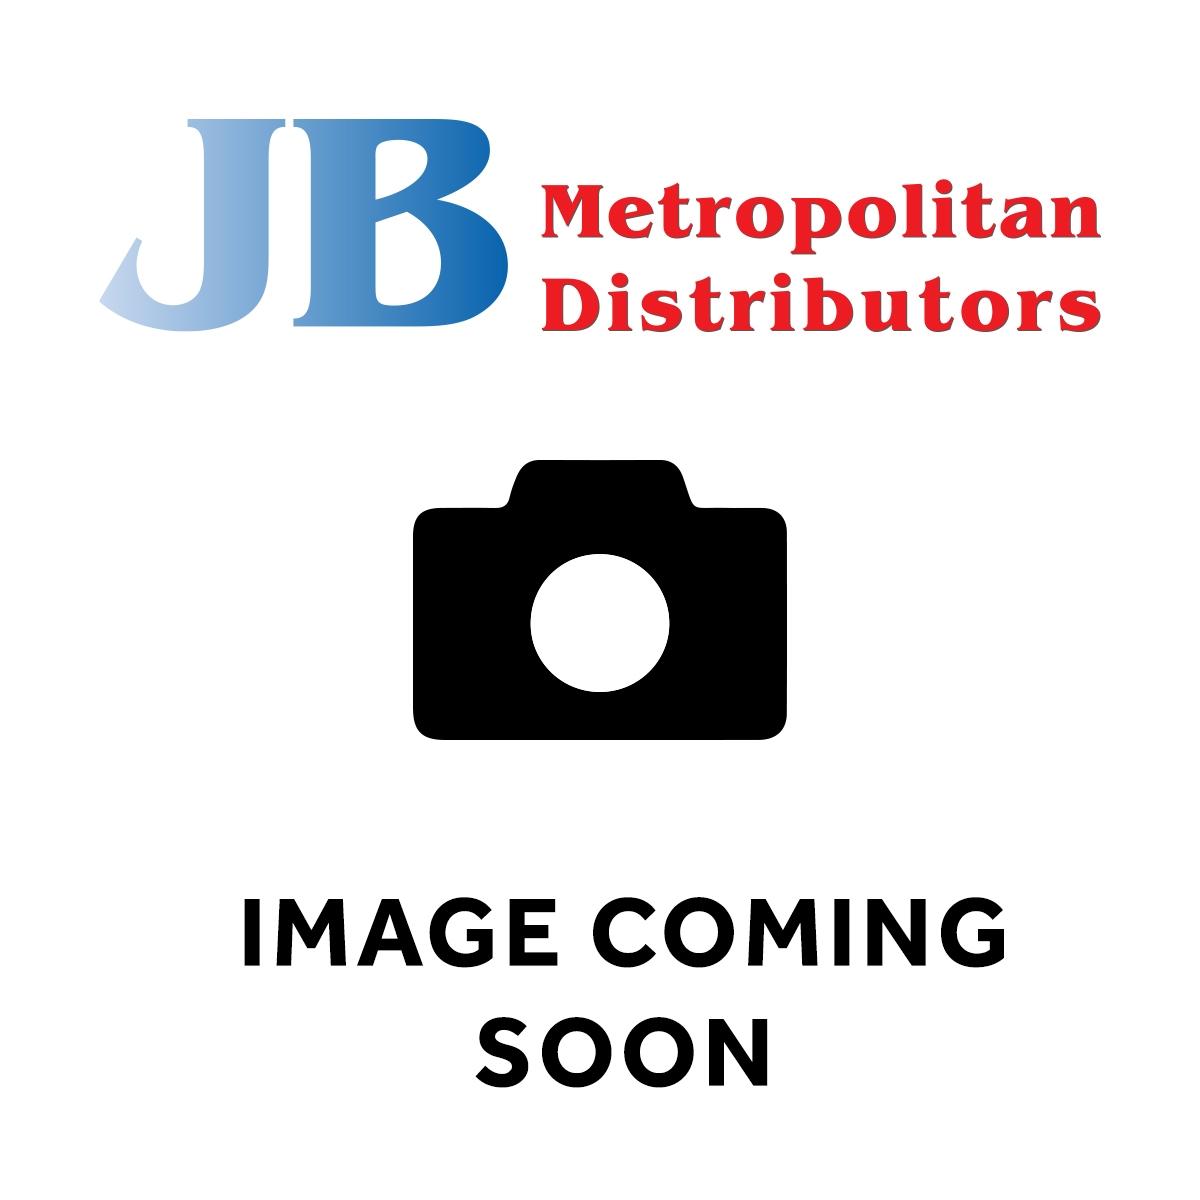 CADBURY CHOMP CARAMEL 30G (63)